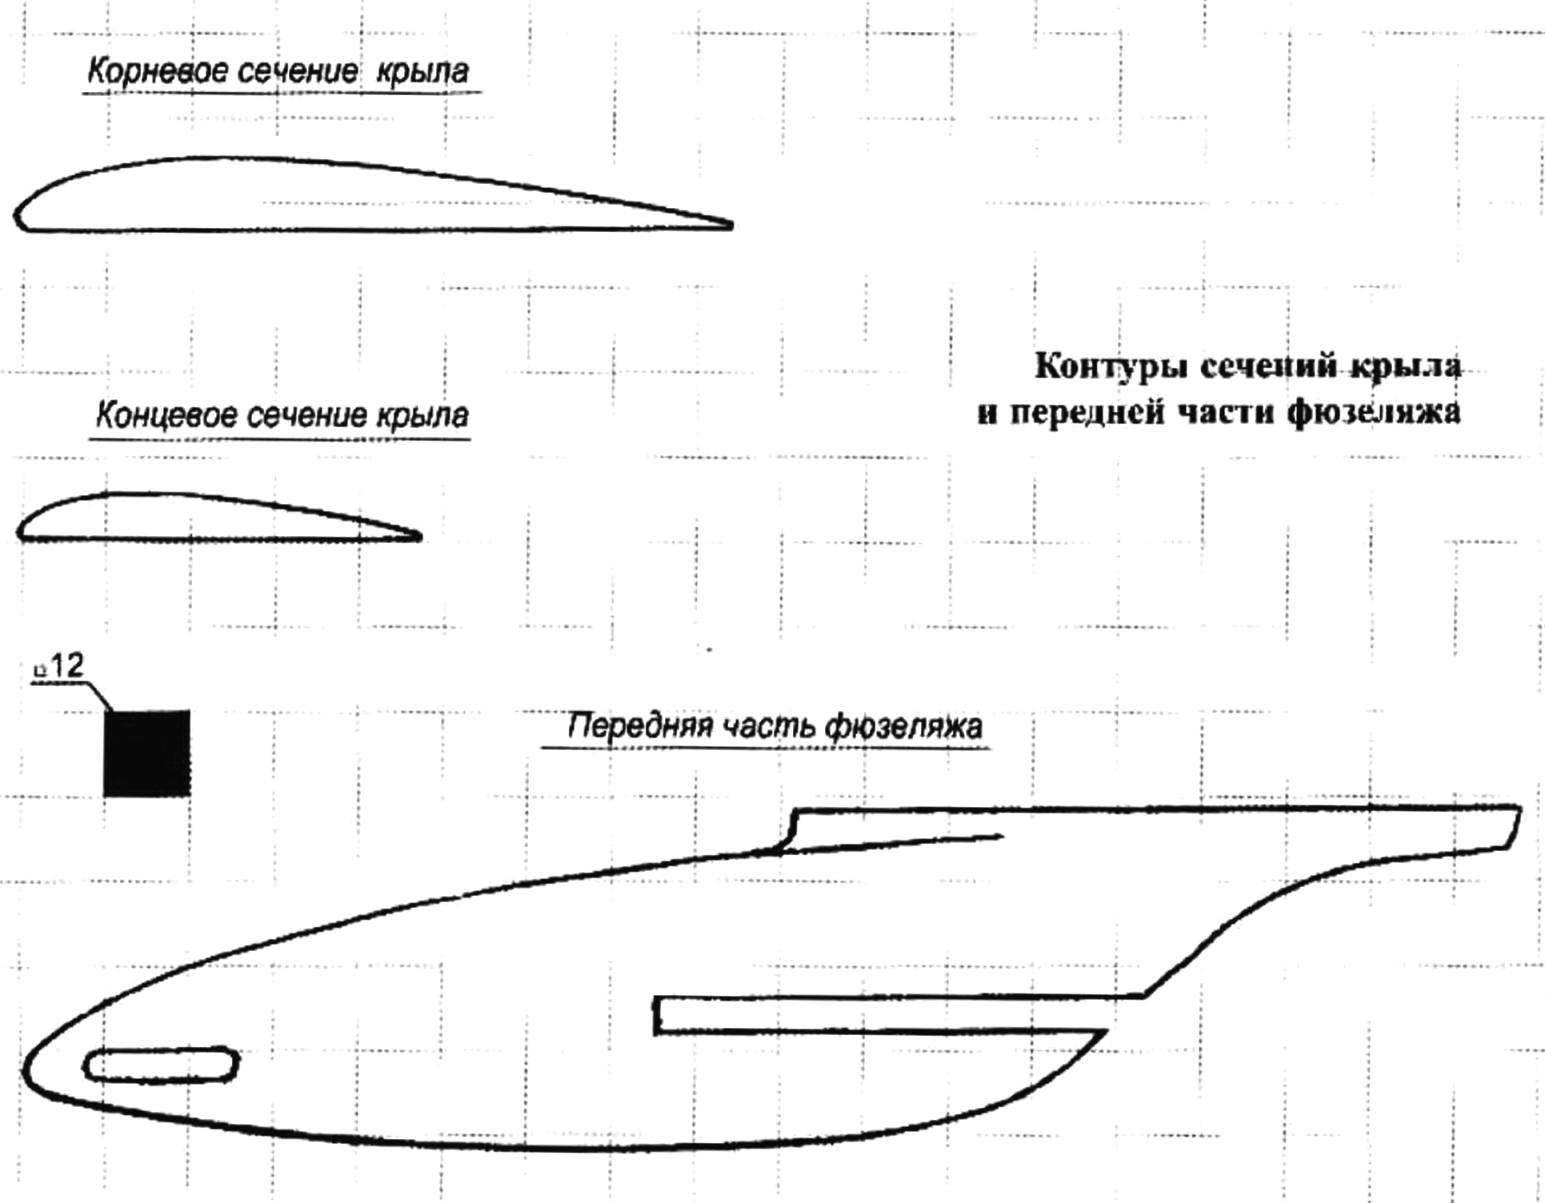 Контуры сечений крыла и передней части фюзеляжа